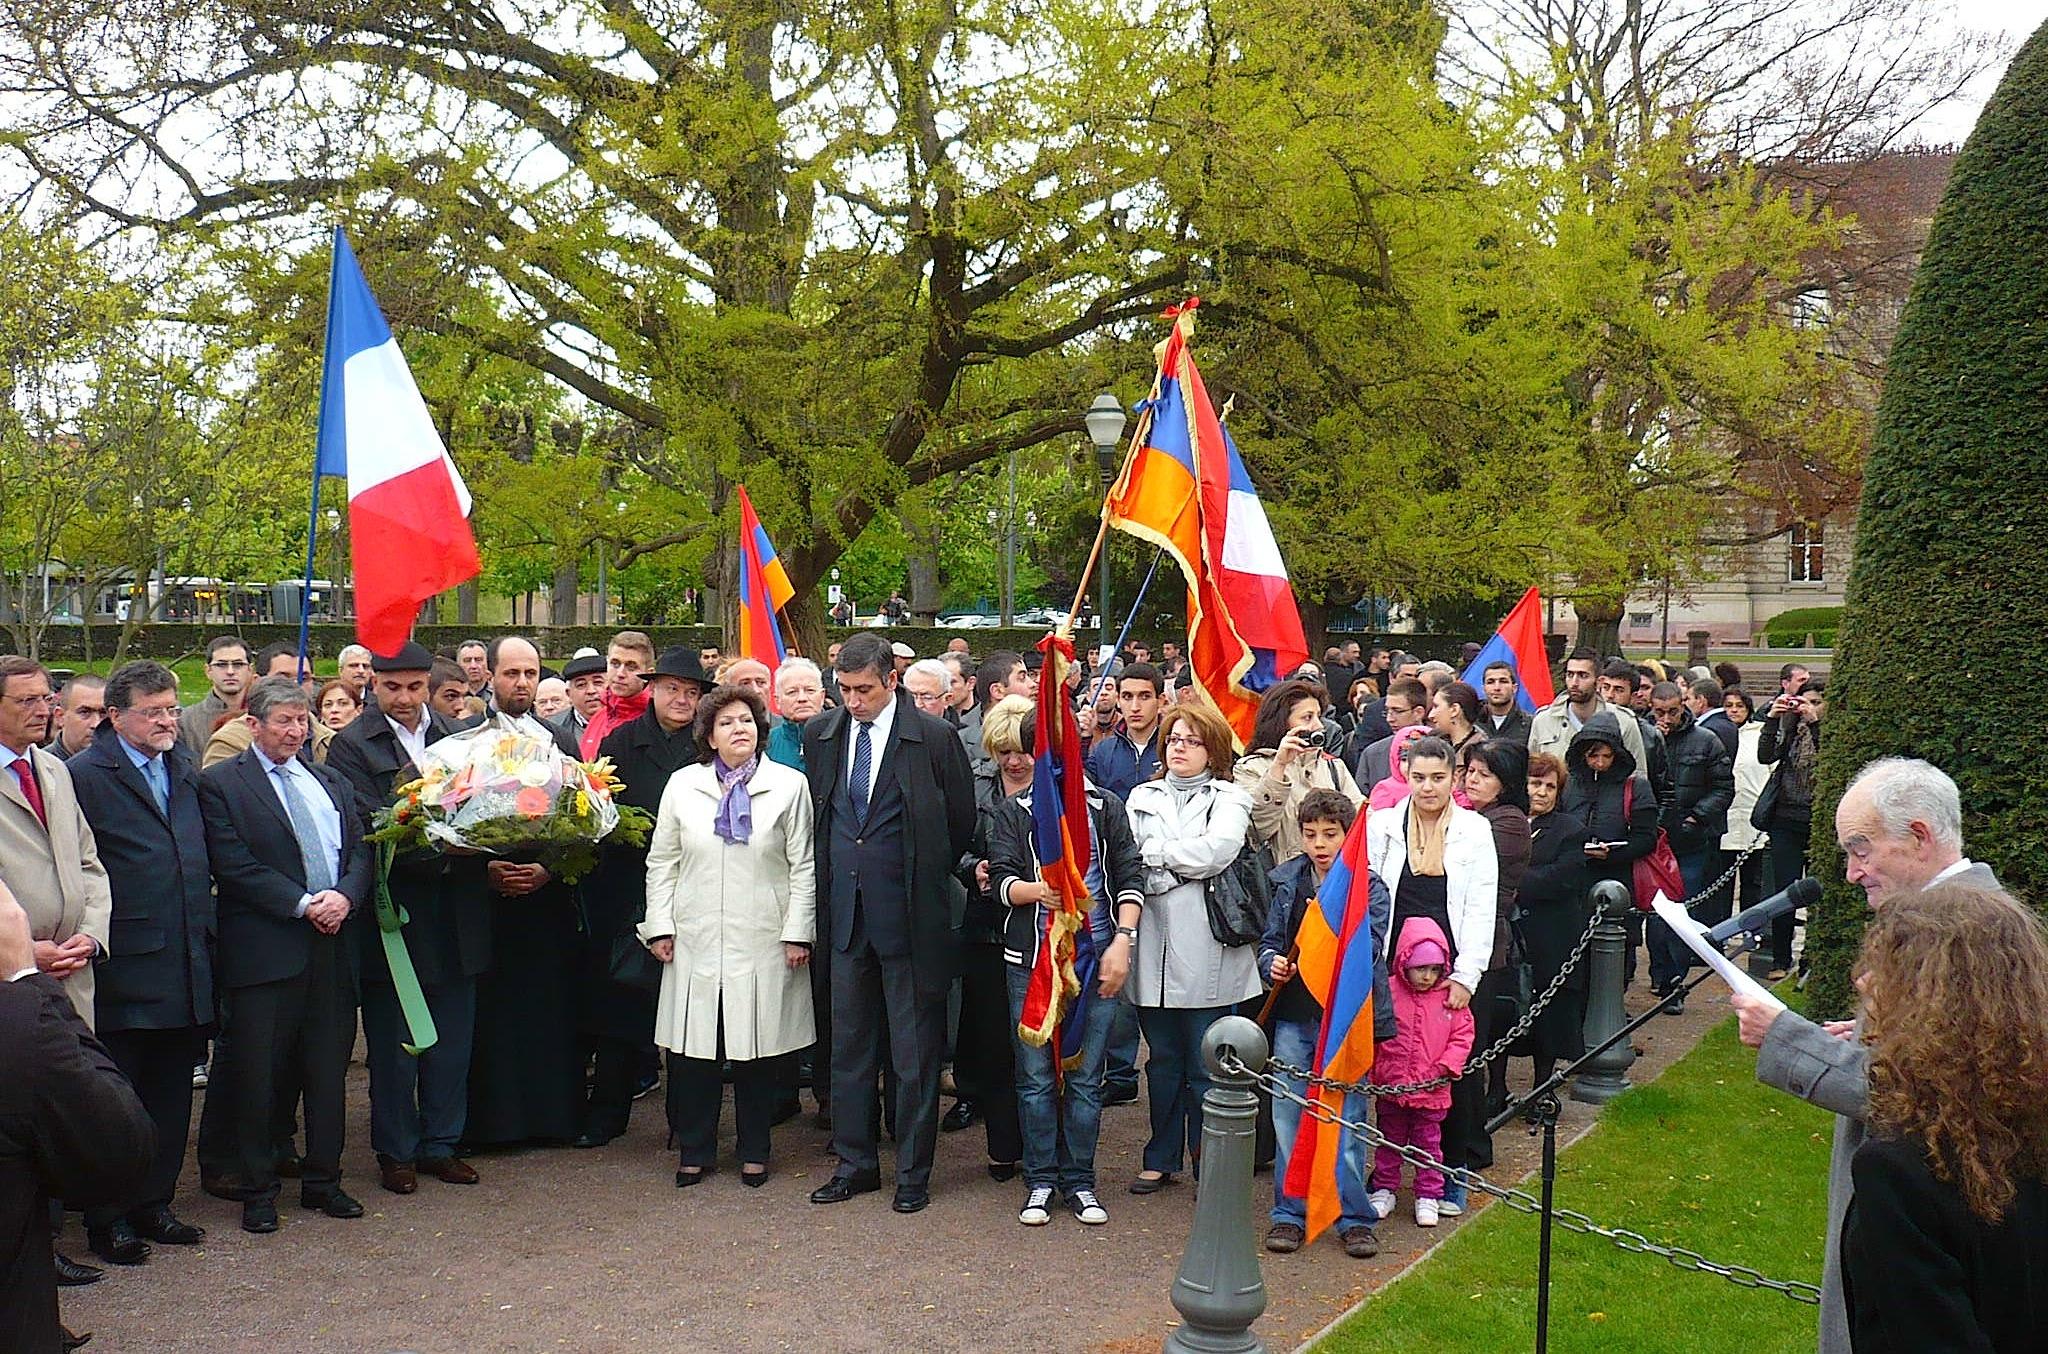 24 avril: Commémoration du génocide des Arméniens